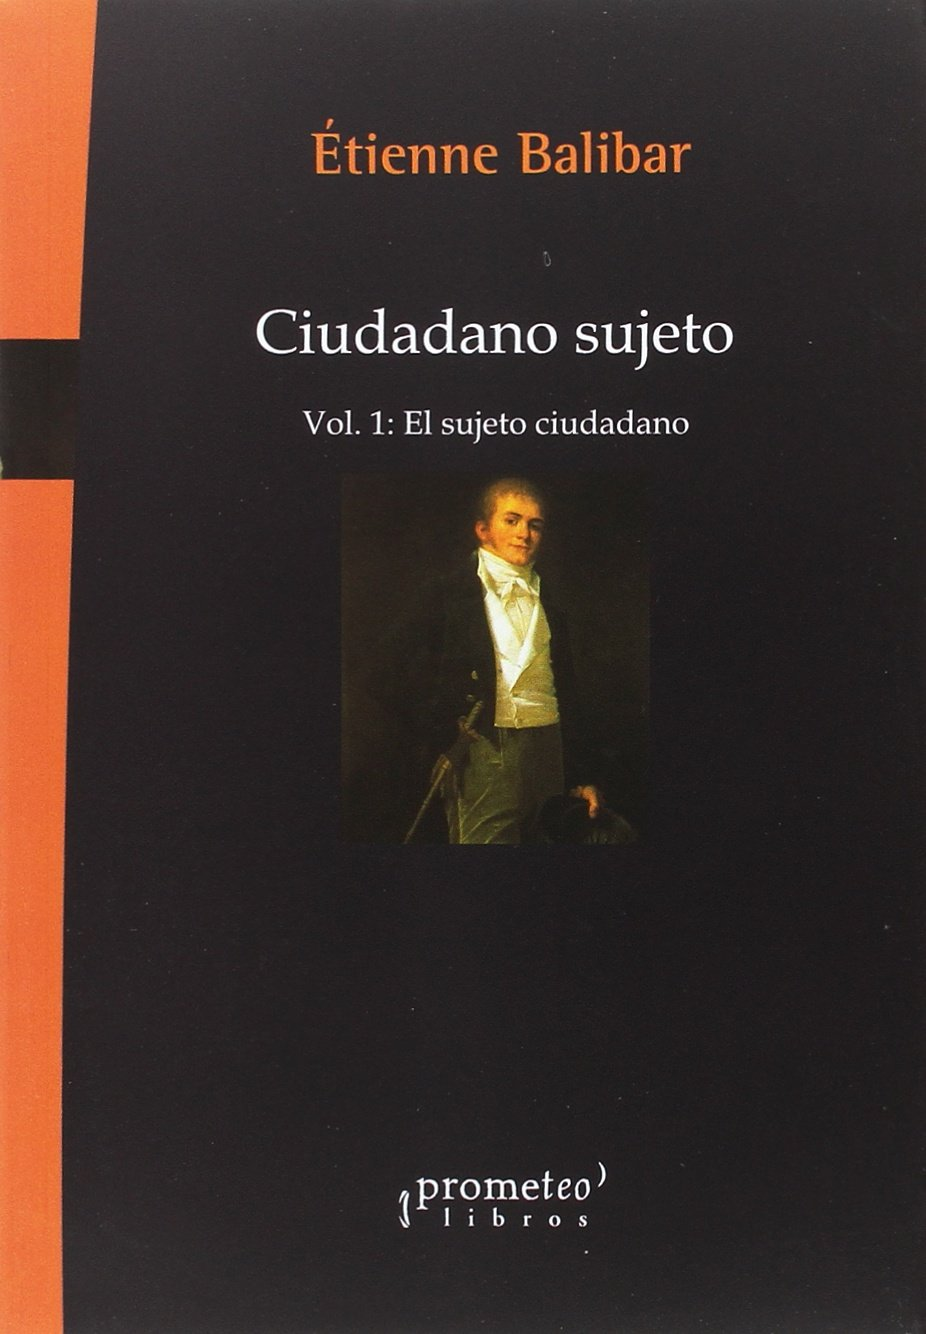 El sujeto ciudadano: Amazon.es: Étienne Balibar: Libros